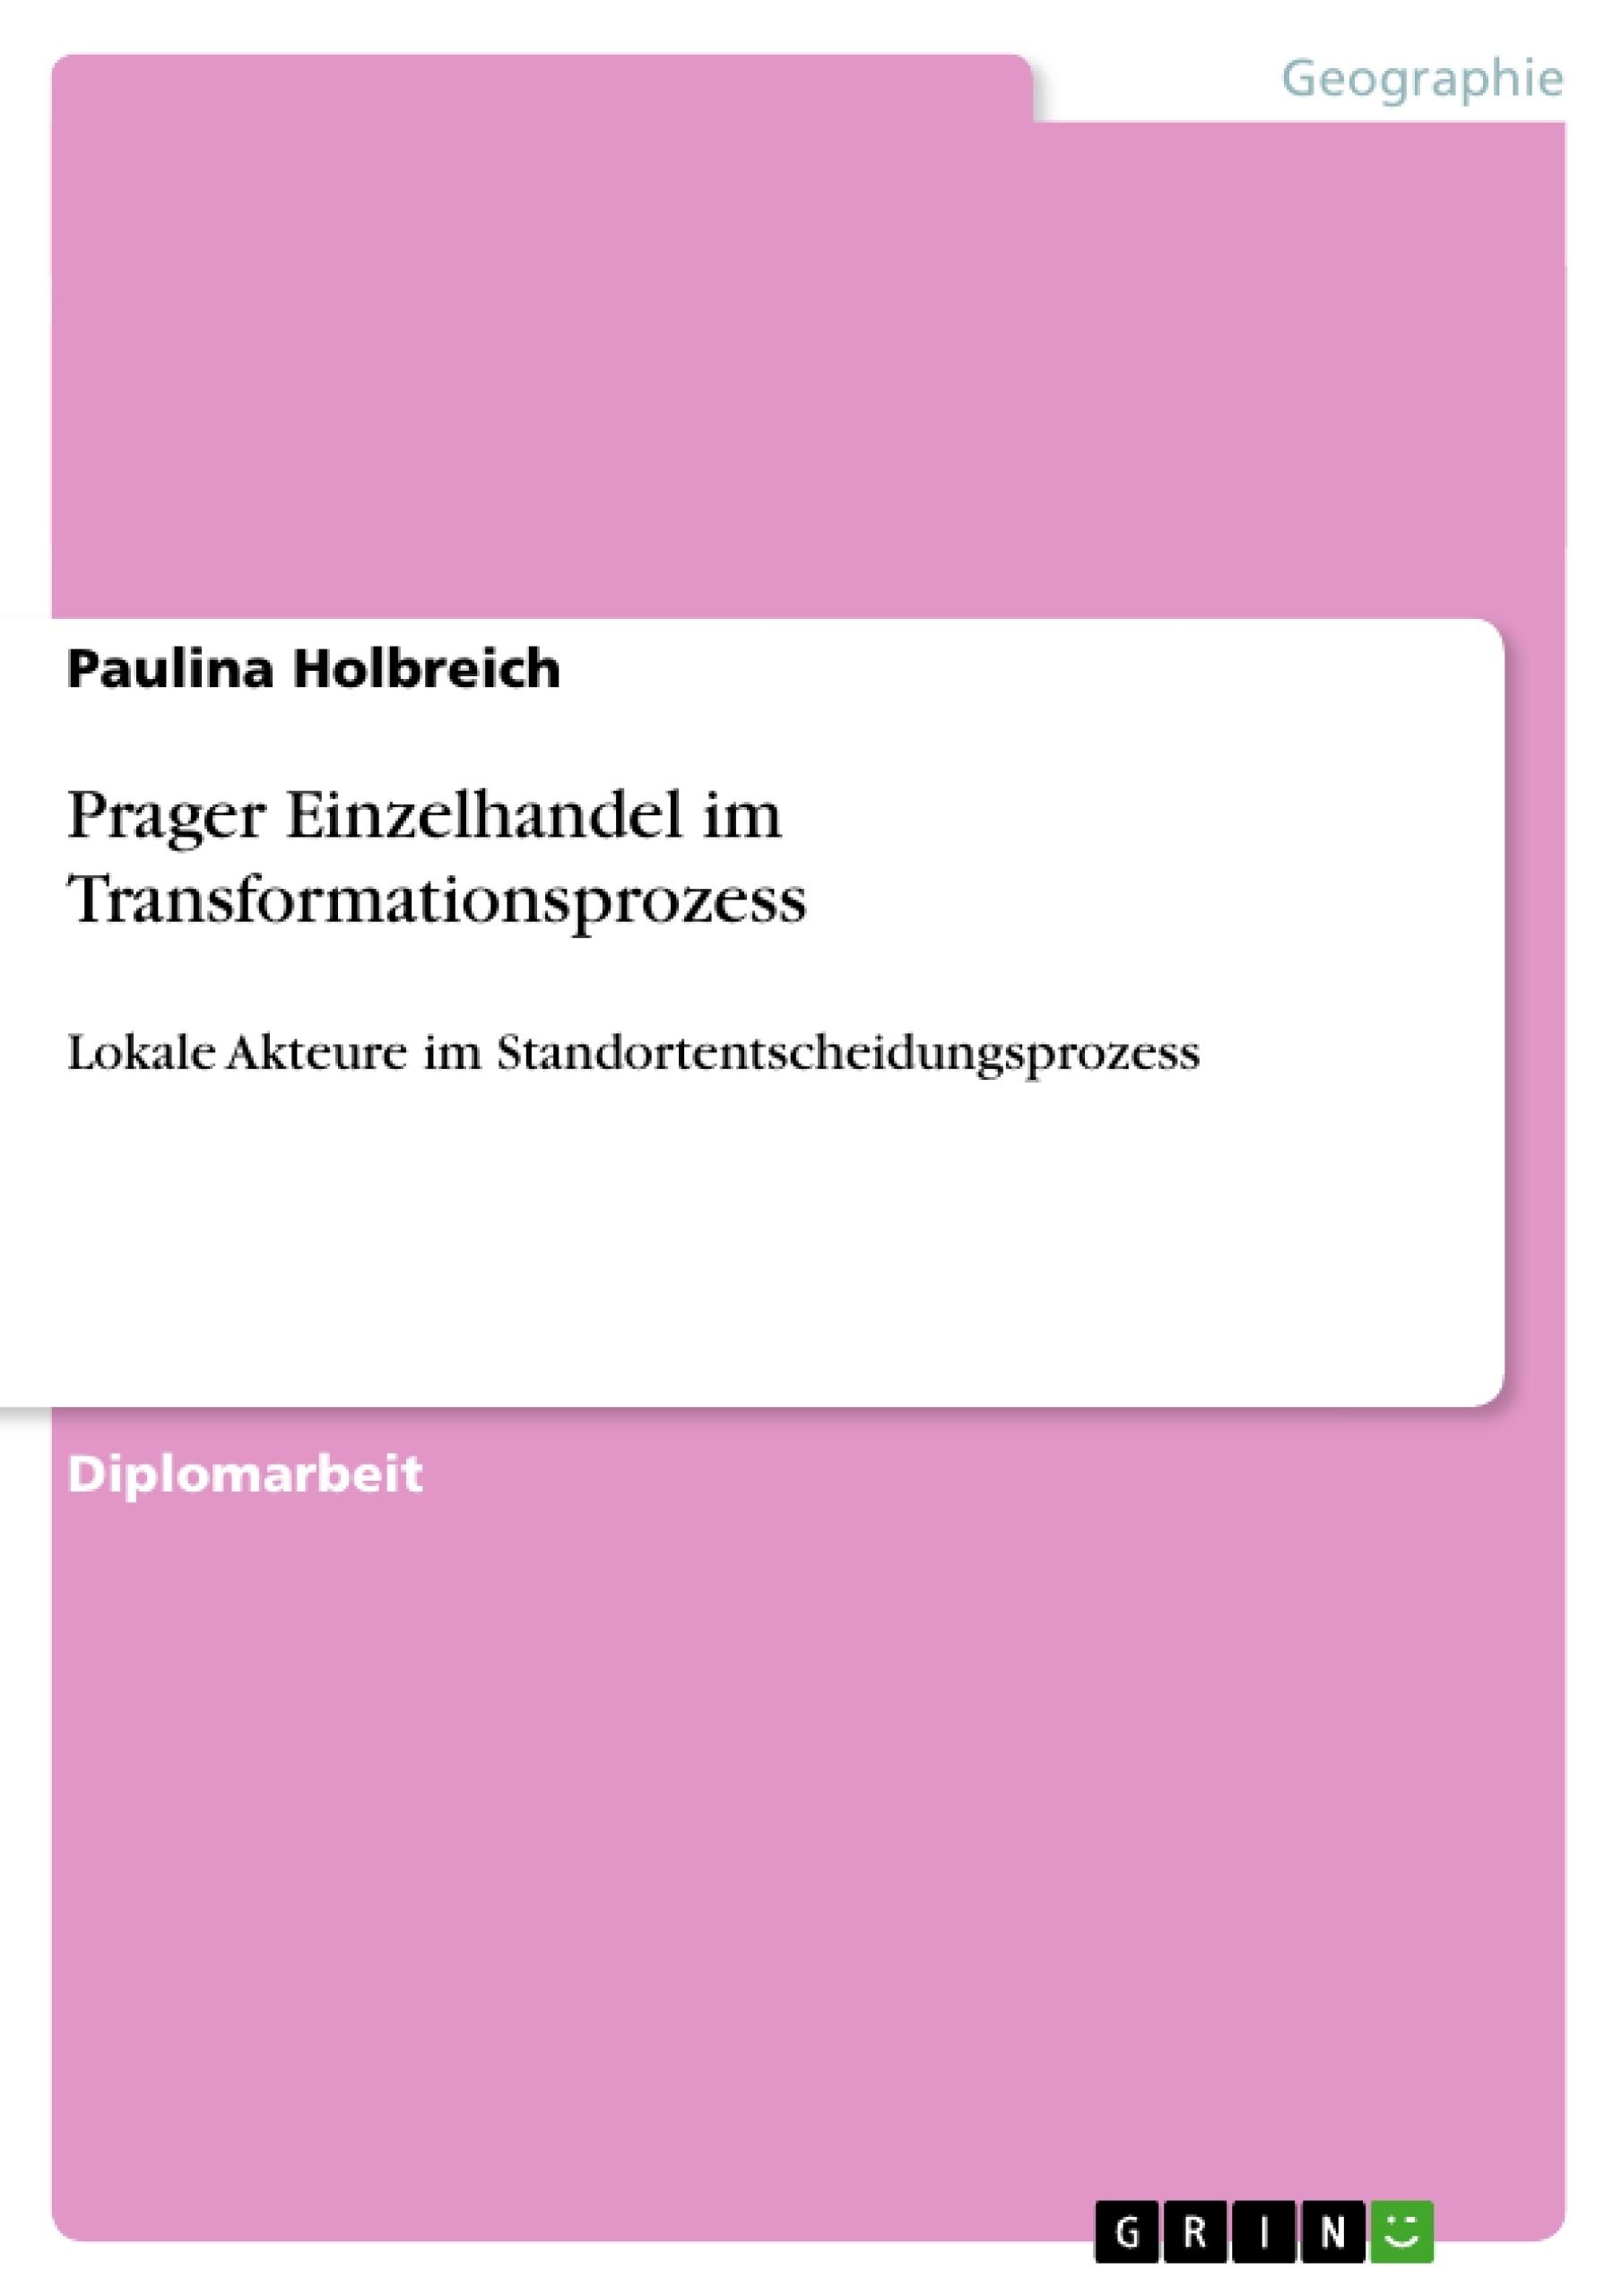 Titel: Prager Einzelhandel im Transformationsprozess